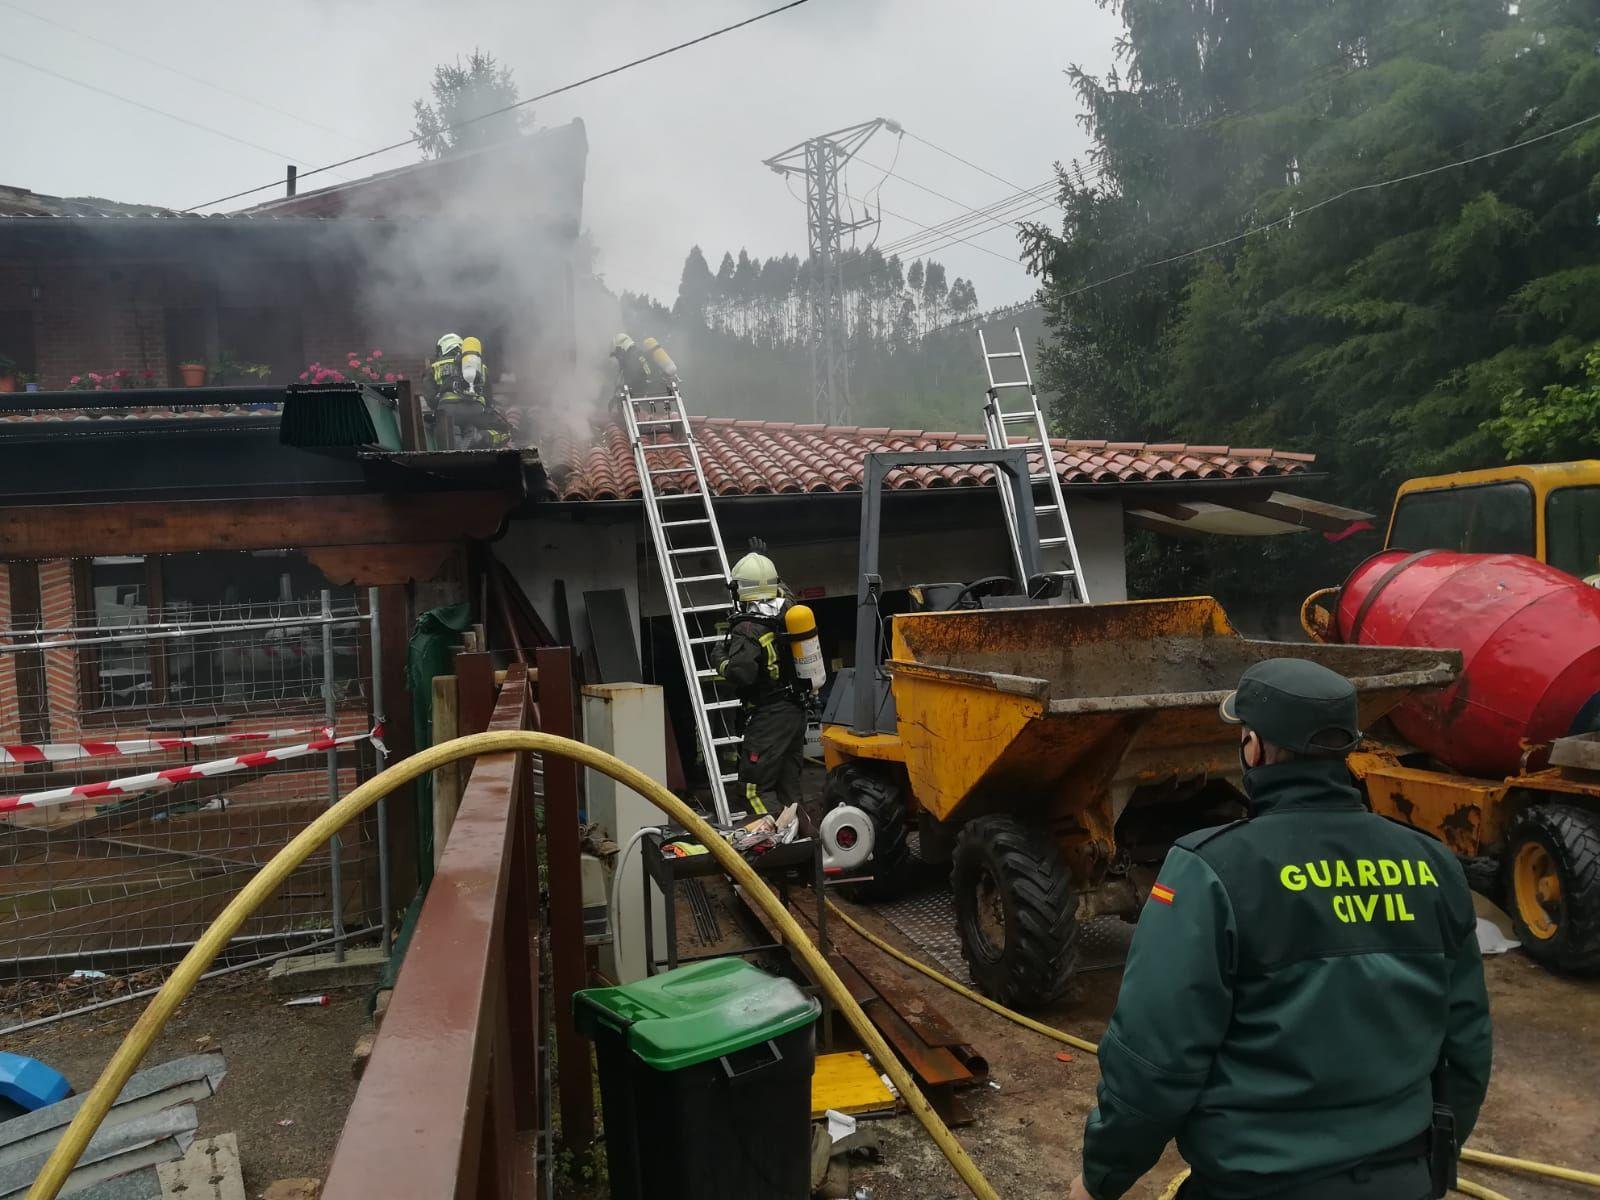 bomberos extinguiendo el fuego en le tejado